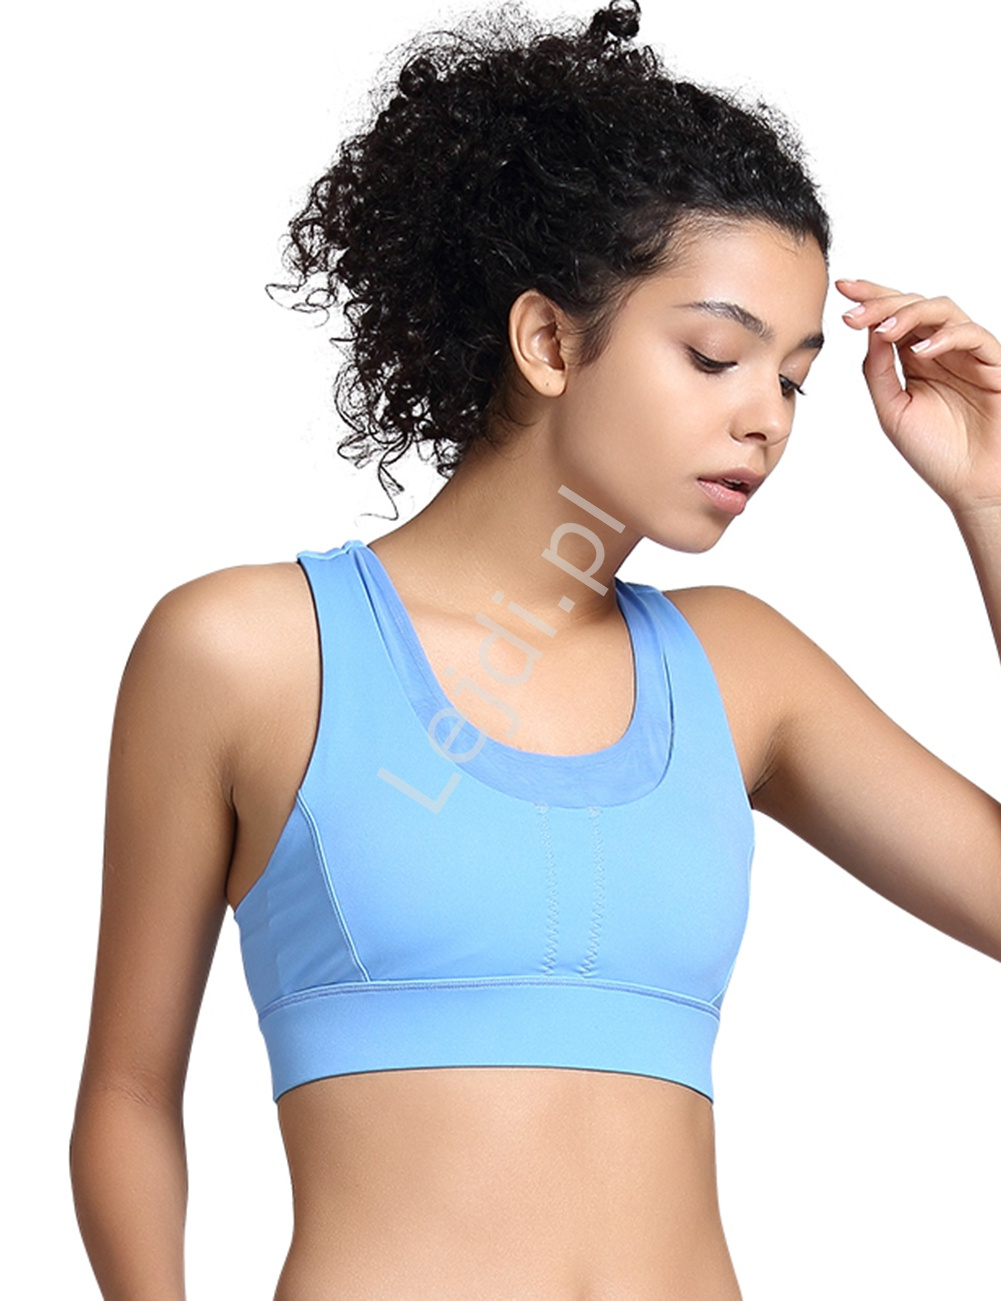 Błękitny top bezszwowy, biustonosz sportowy do fitnessu, jogi, tabaty 0074 - Lejdi